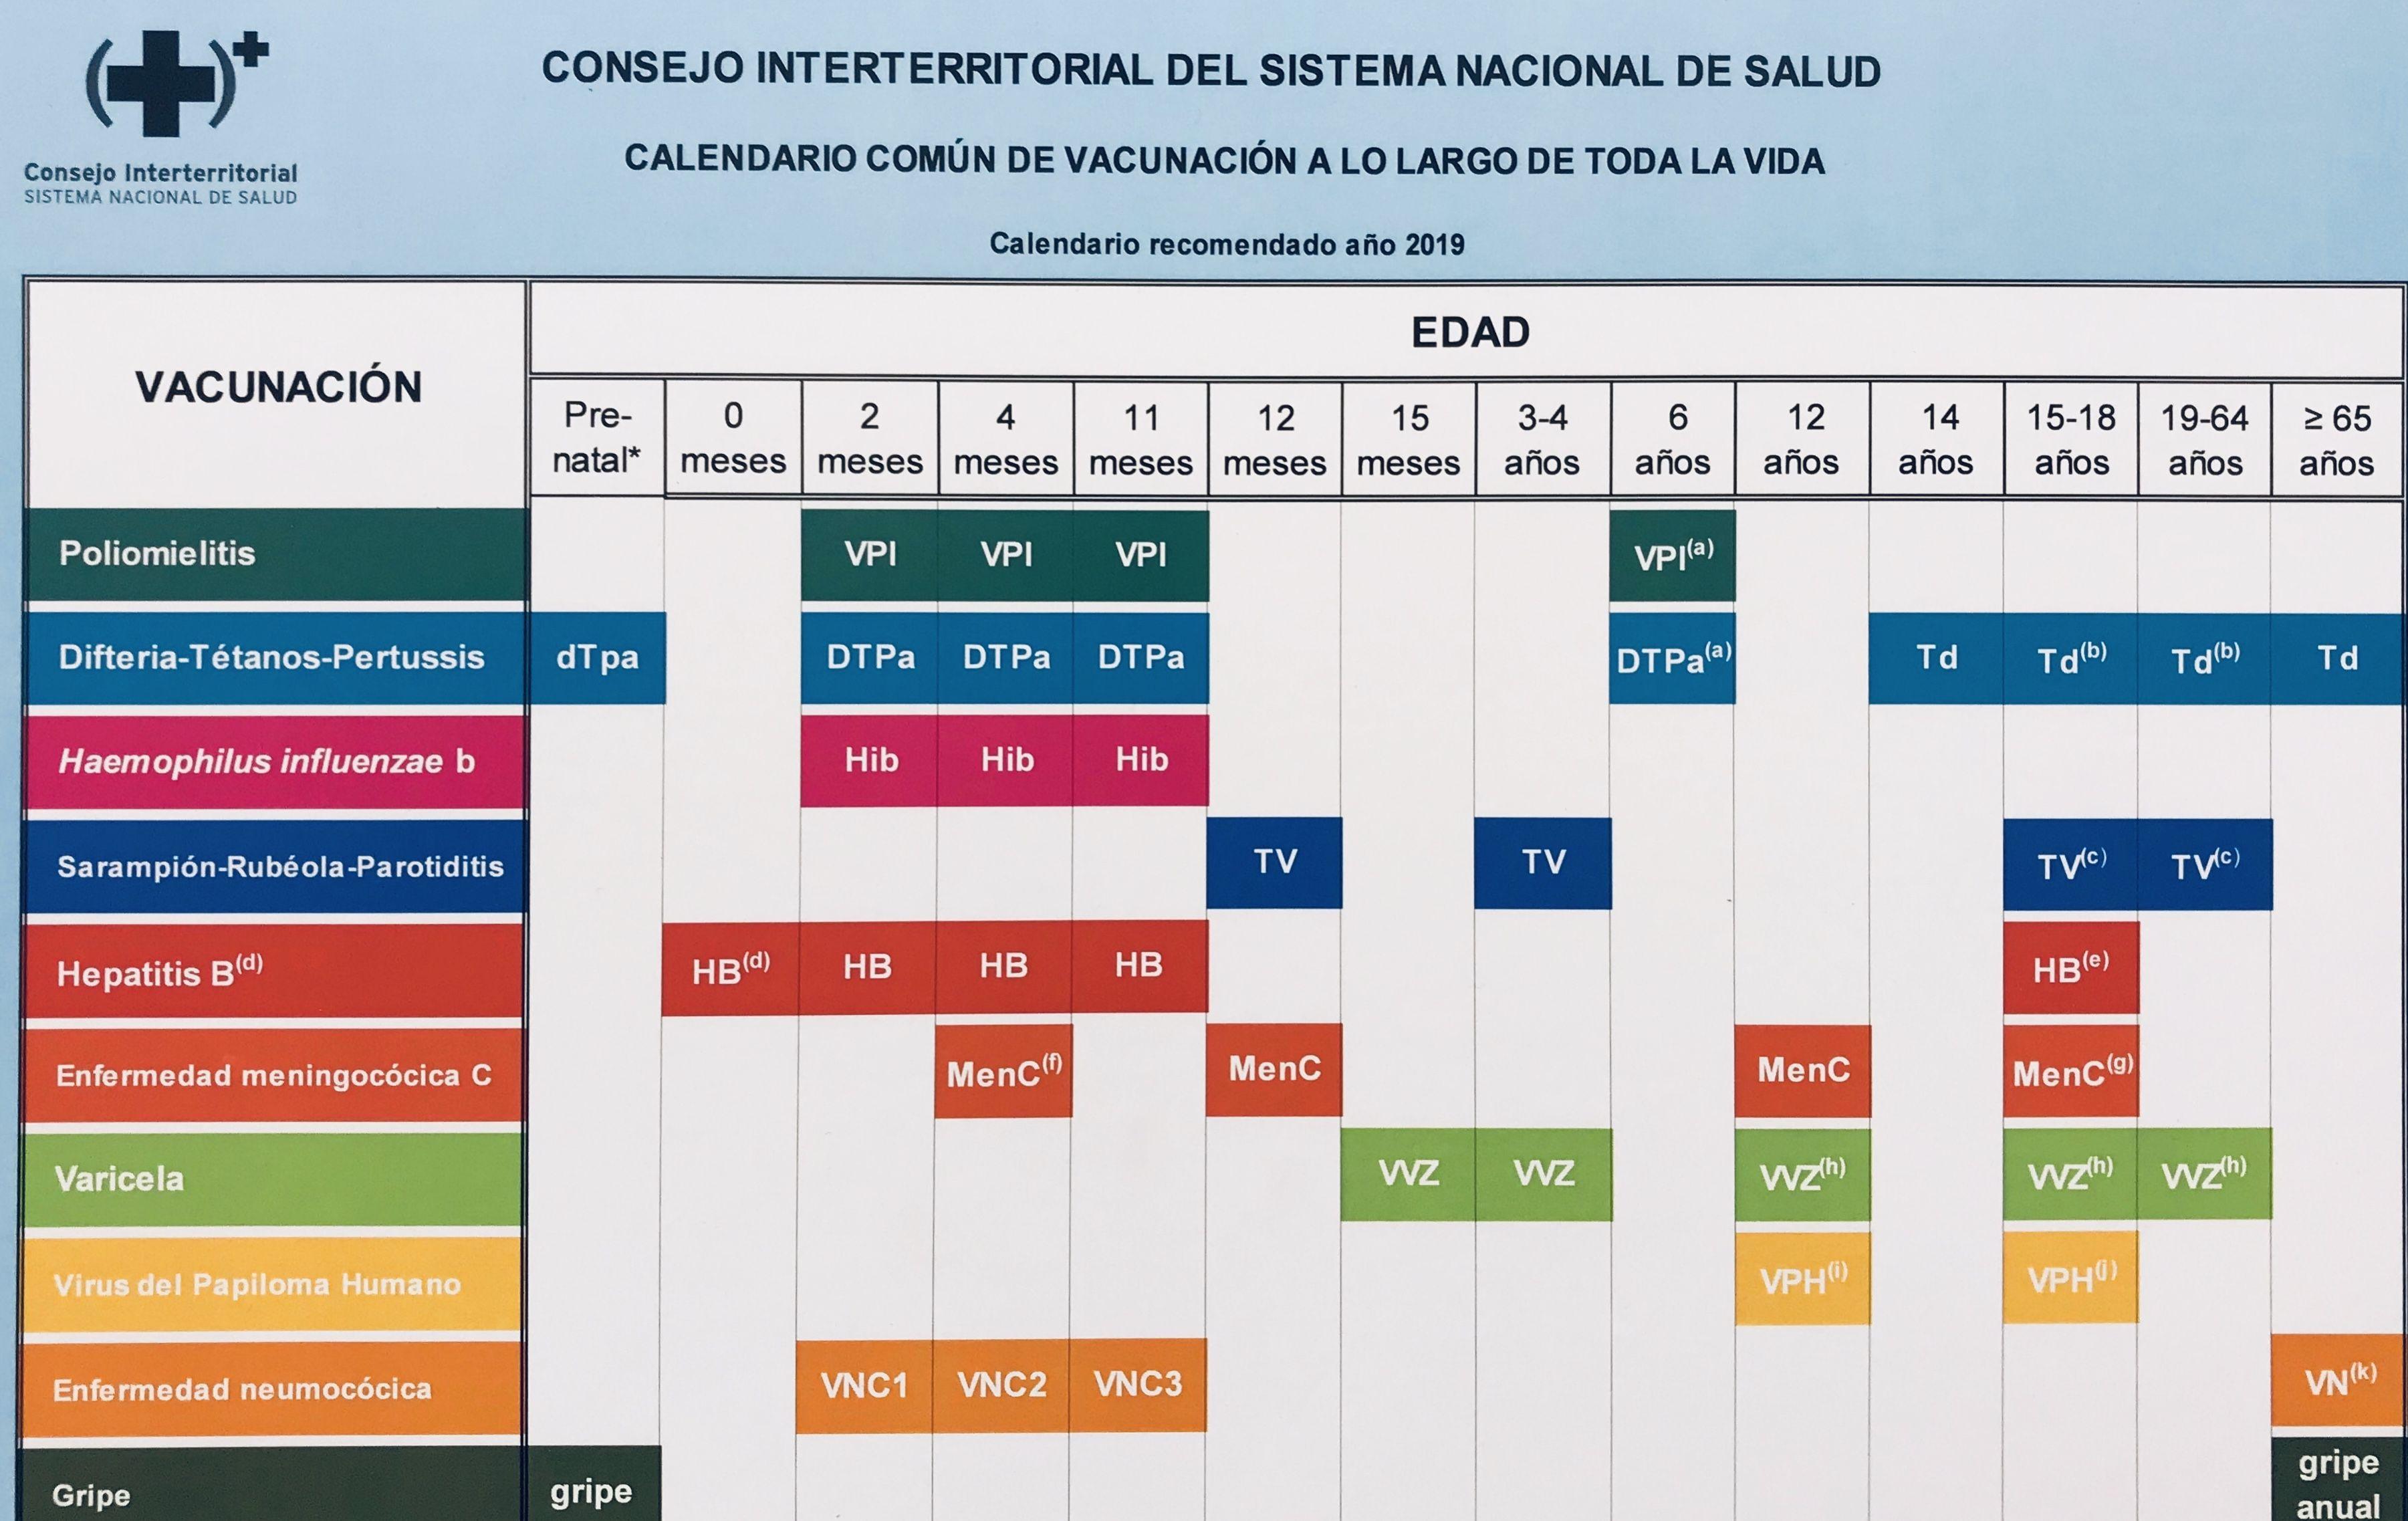 Calendario vacunal común